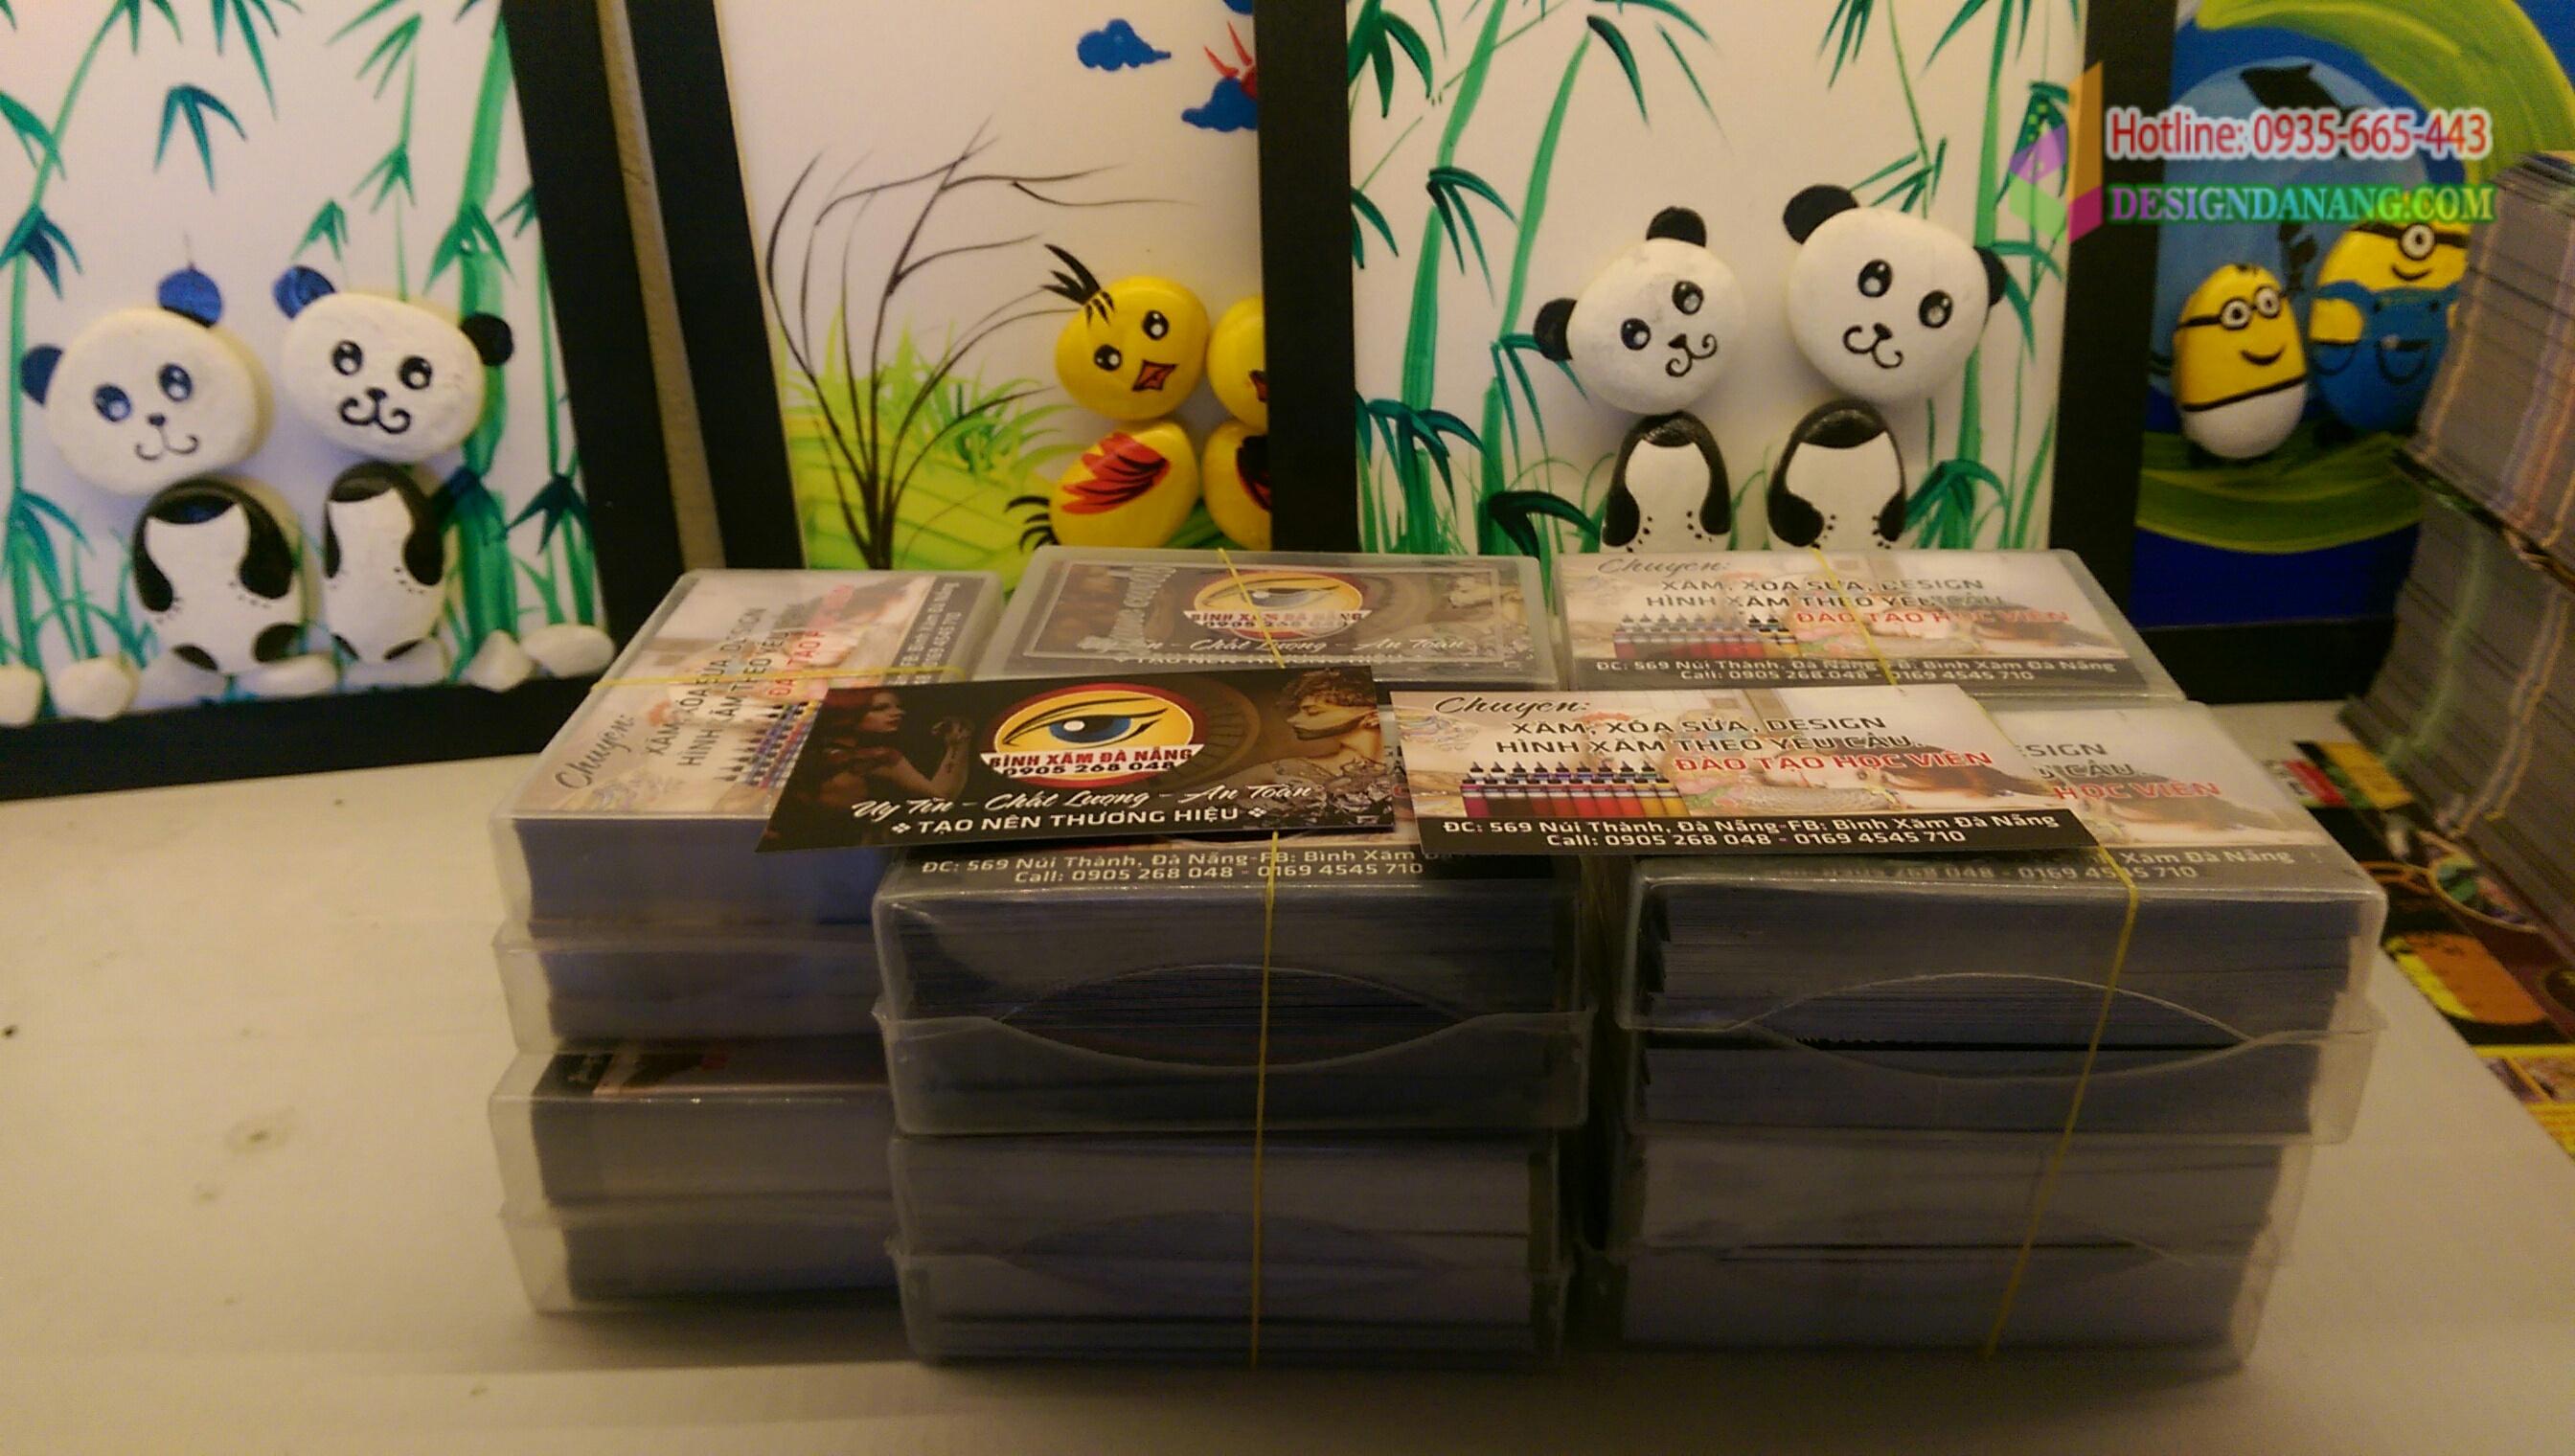 Card visit nghệ thuật xăm hình Đà Nẵng